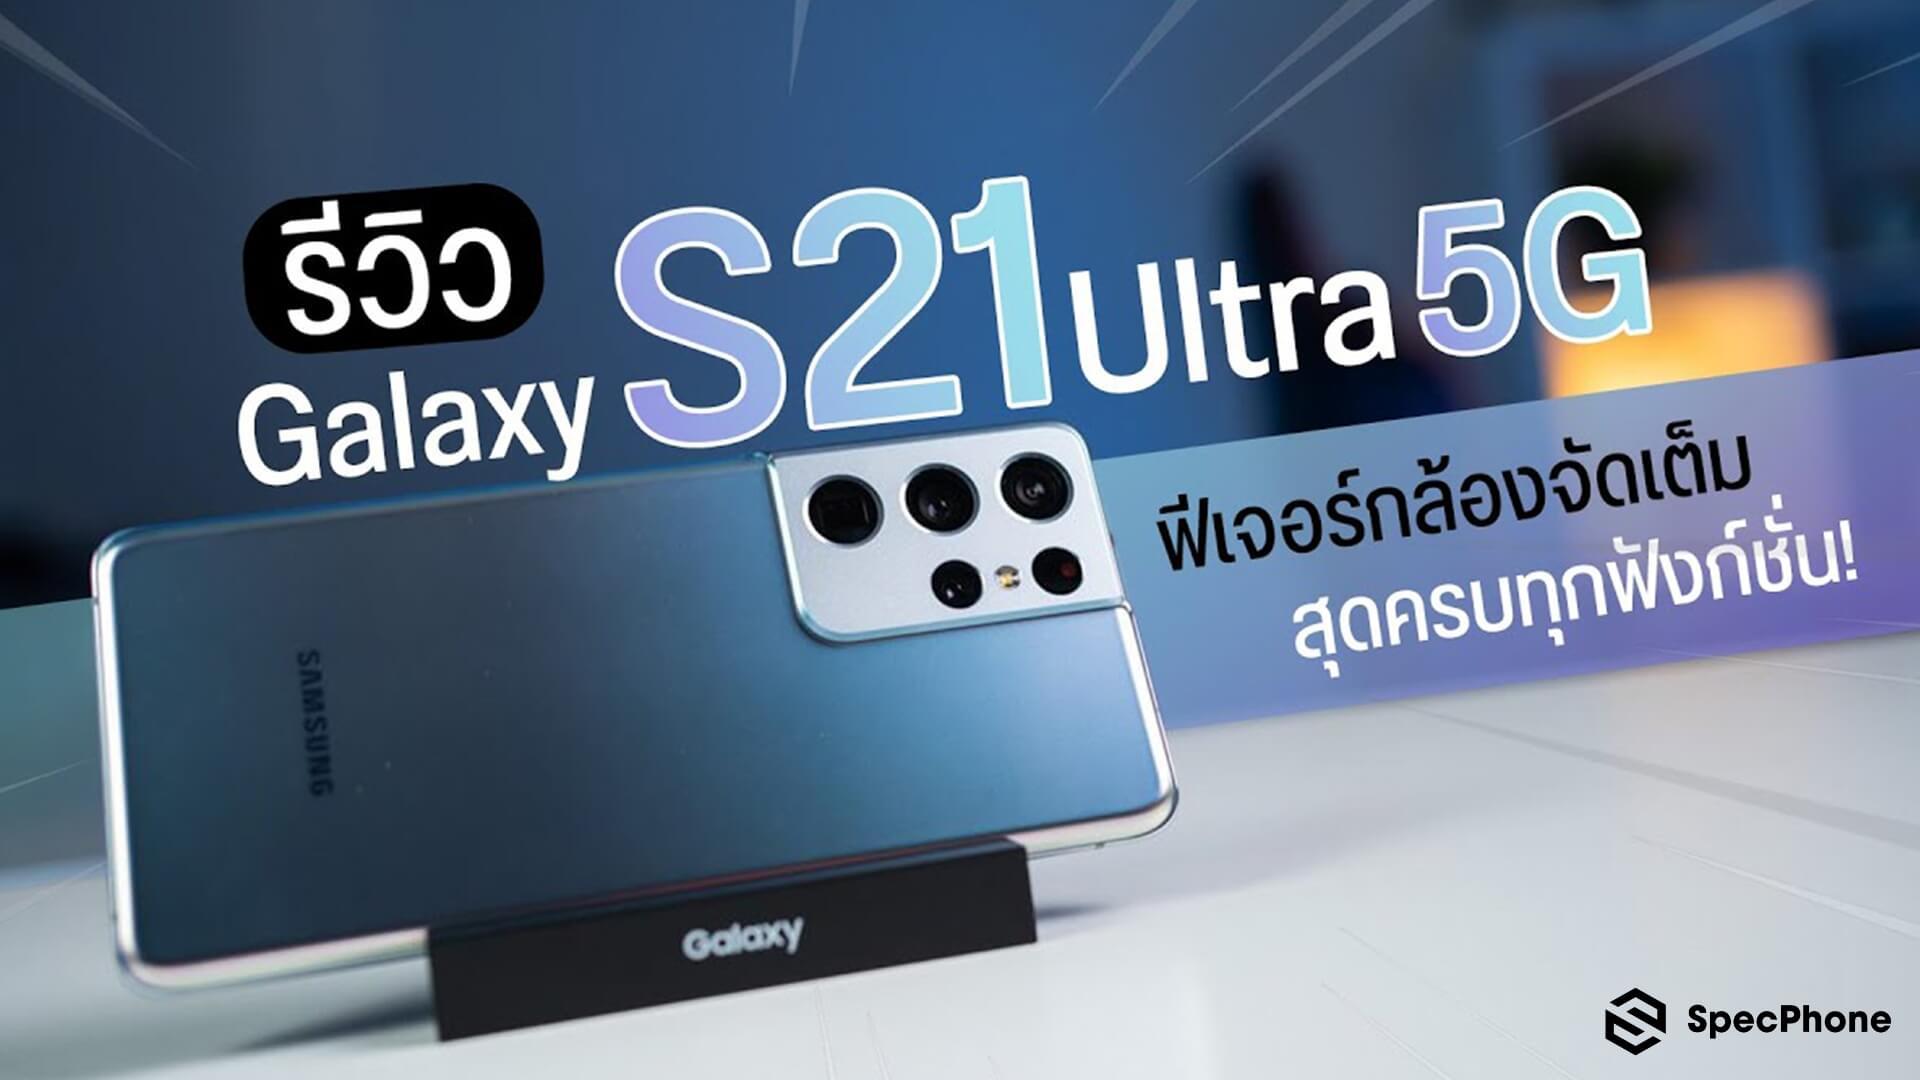 รีวิว Samsung Galaxy S21 Ultra 5G วีดีโอเทพ กล้อง 108MP ซูม 100 เท่า รองรับ S Pen ในราคาเริ่มต้น 39,900 บาท